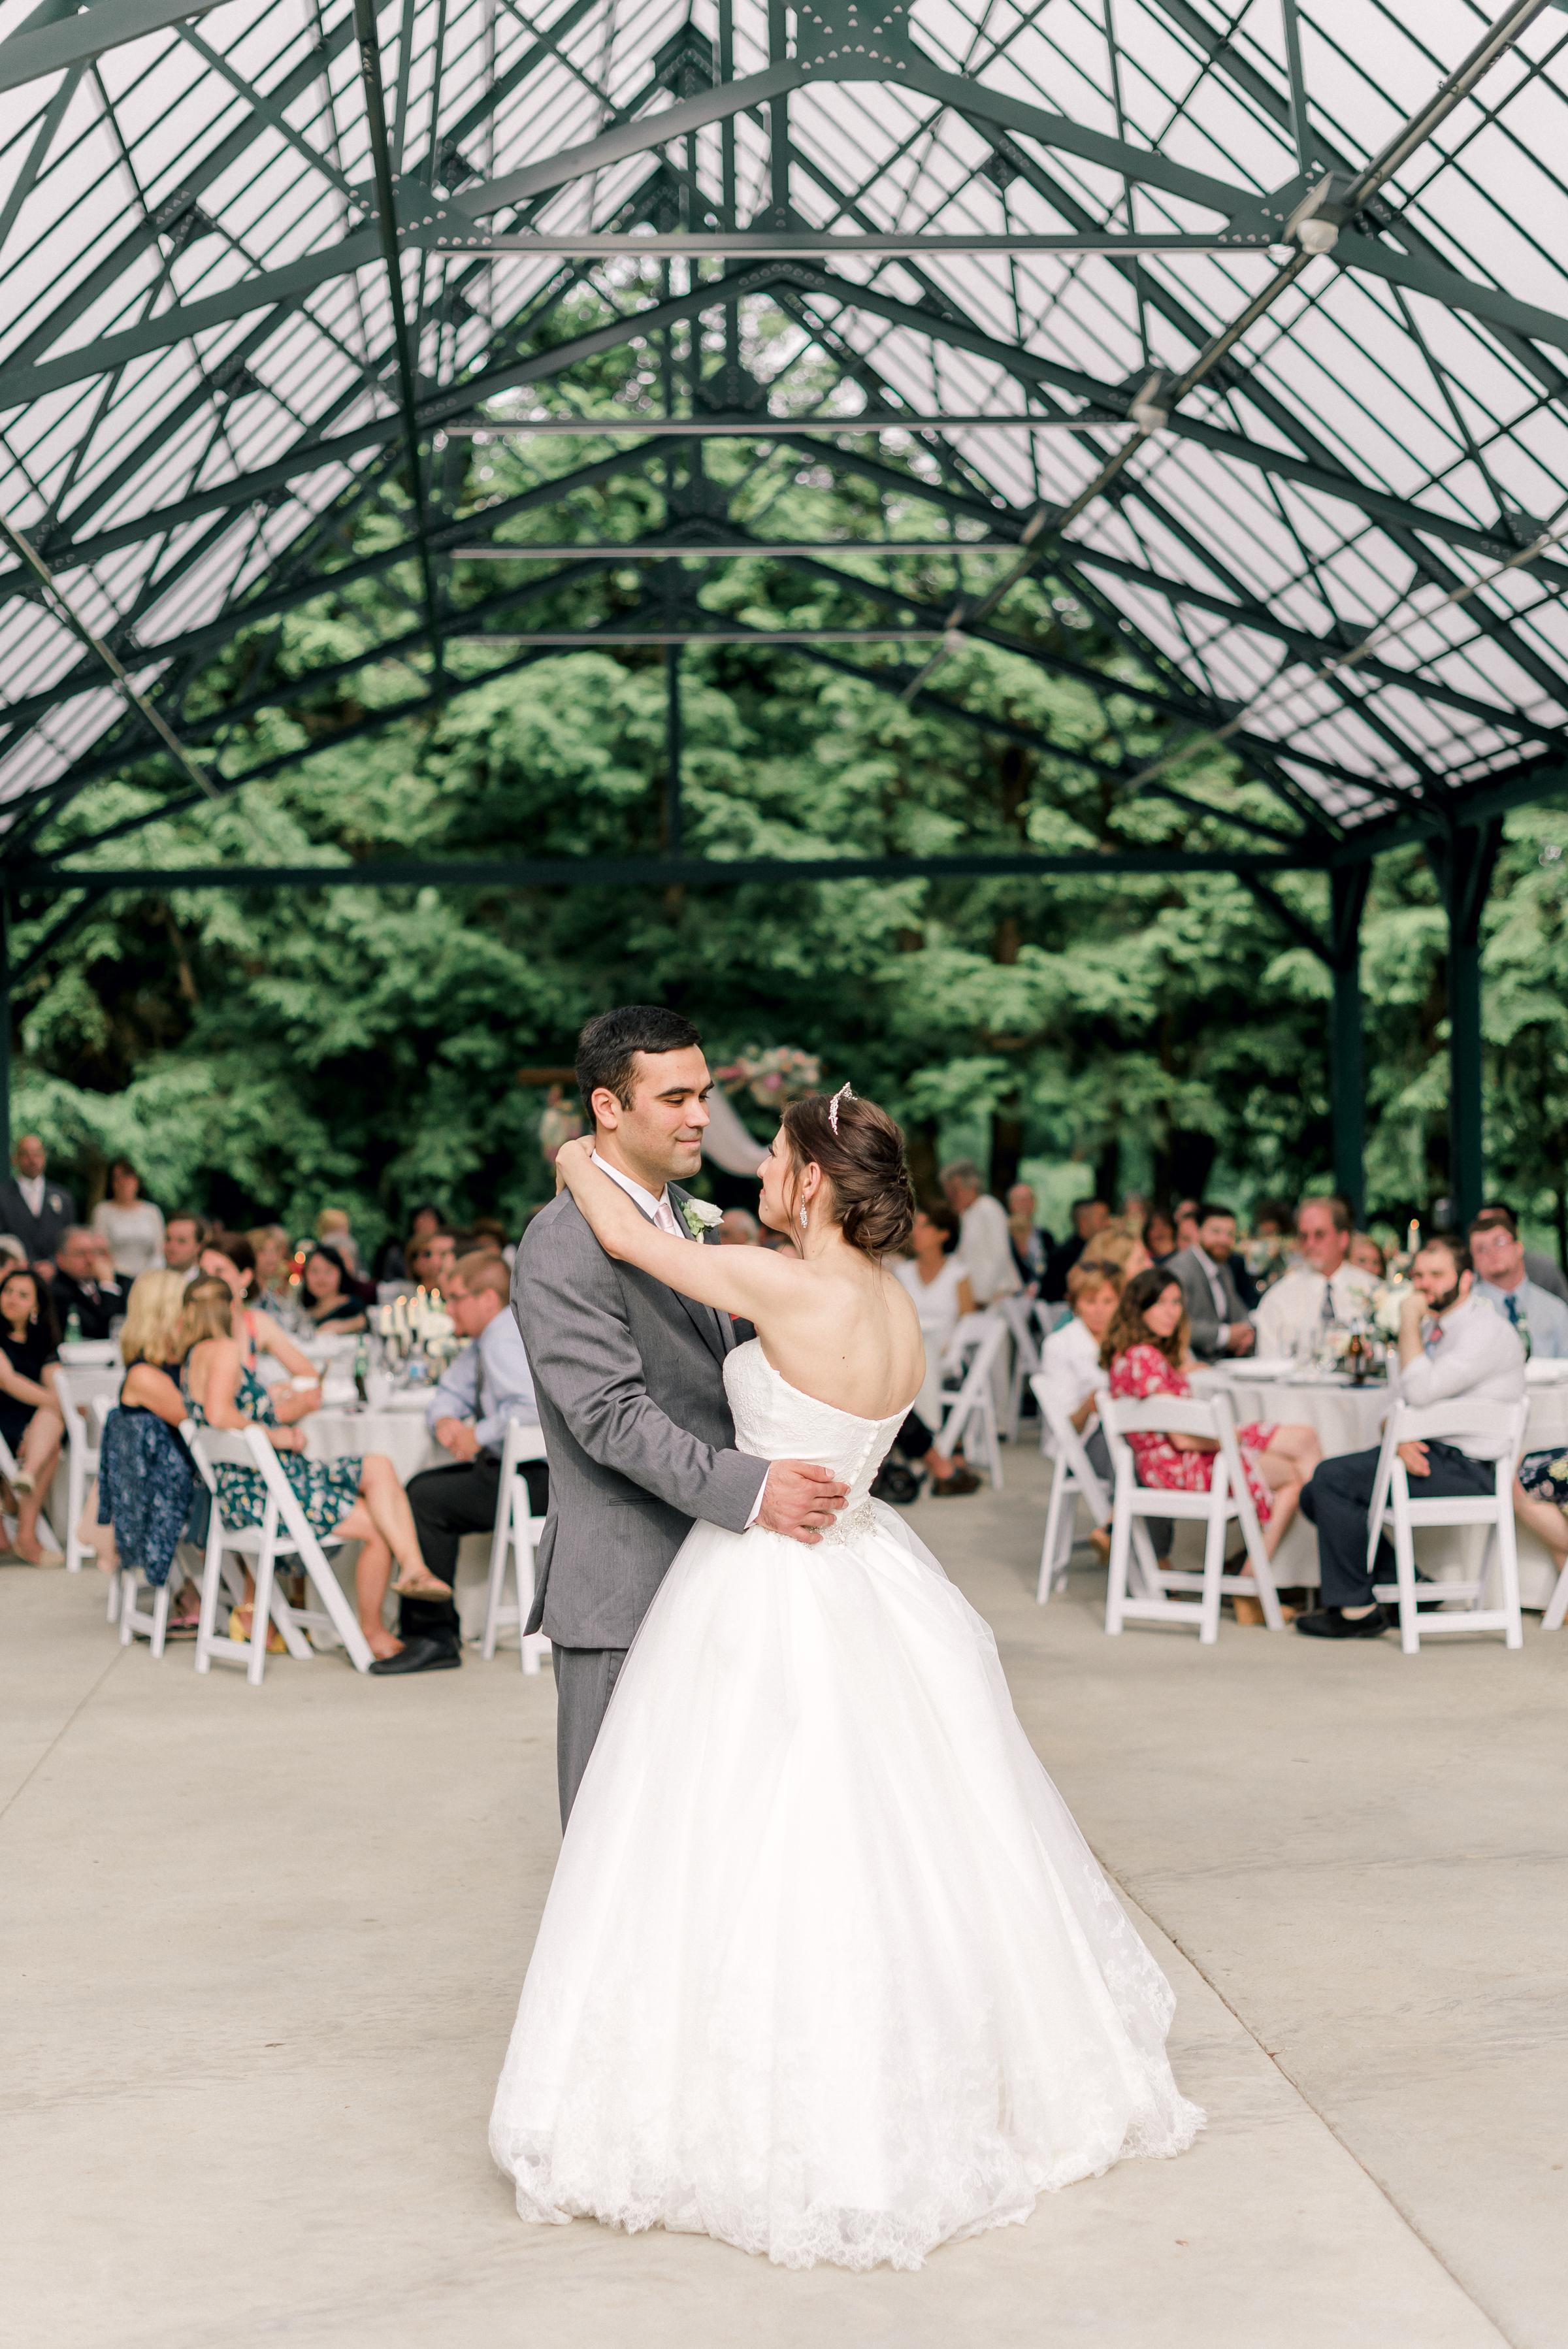 pittsburgh-wedding-photographer-hartwood-acres-0070.jpg